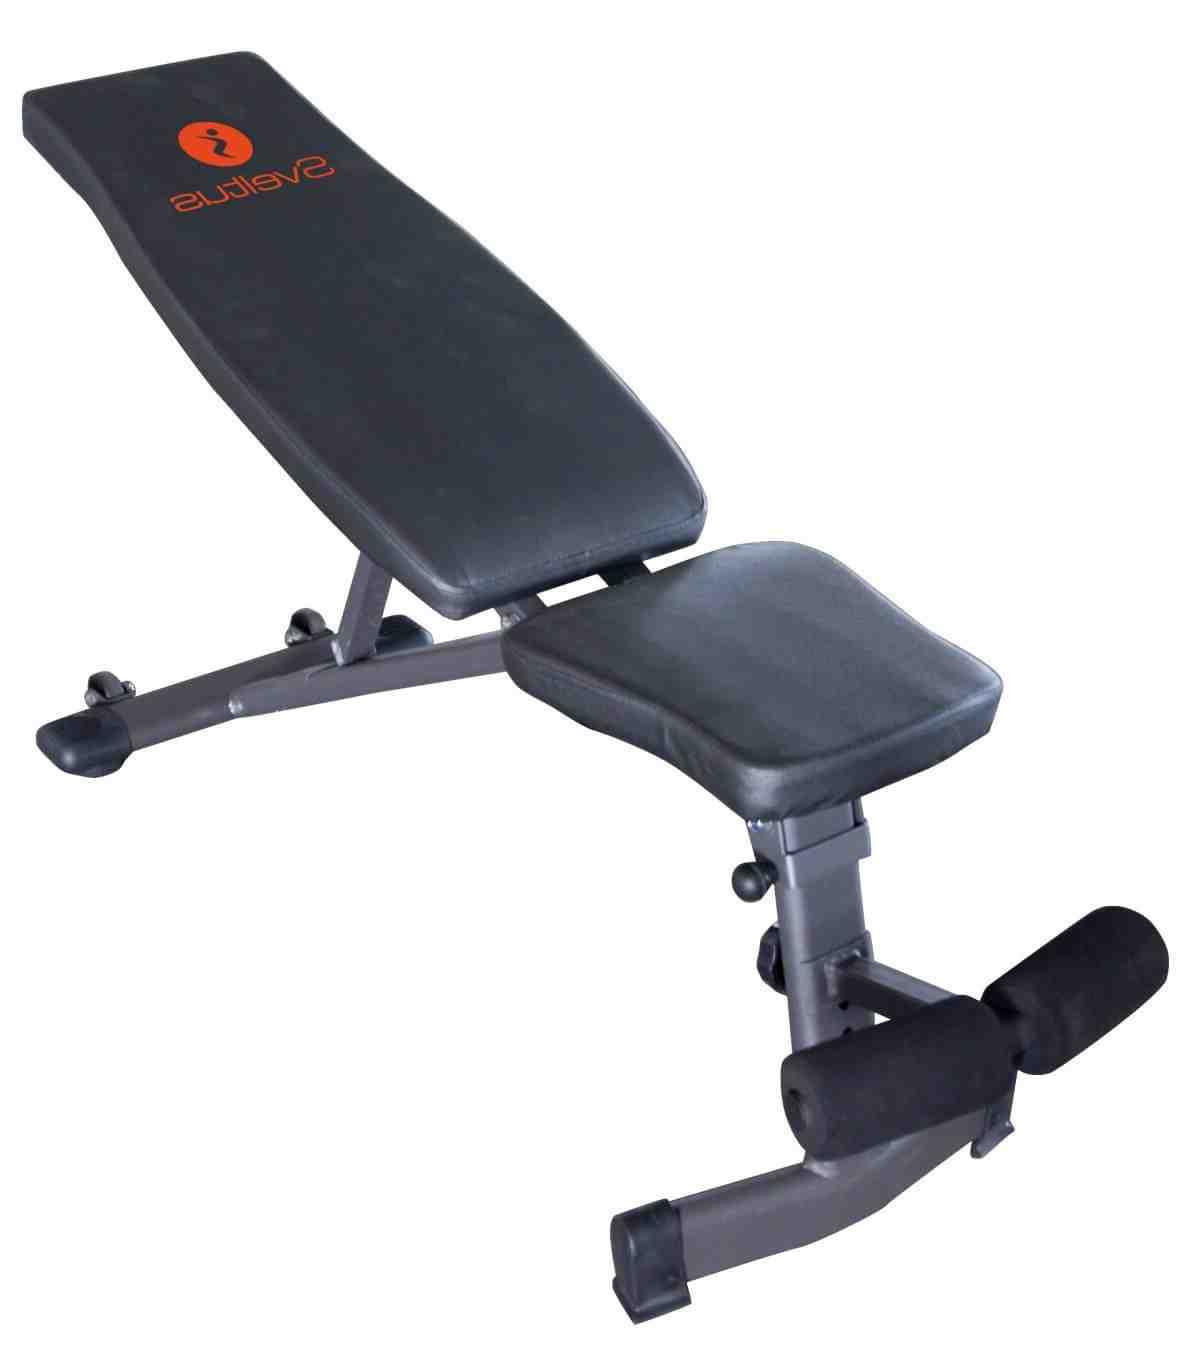 Quels exercices faire avec un banc de musculation ?